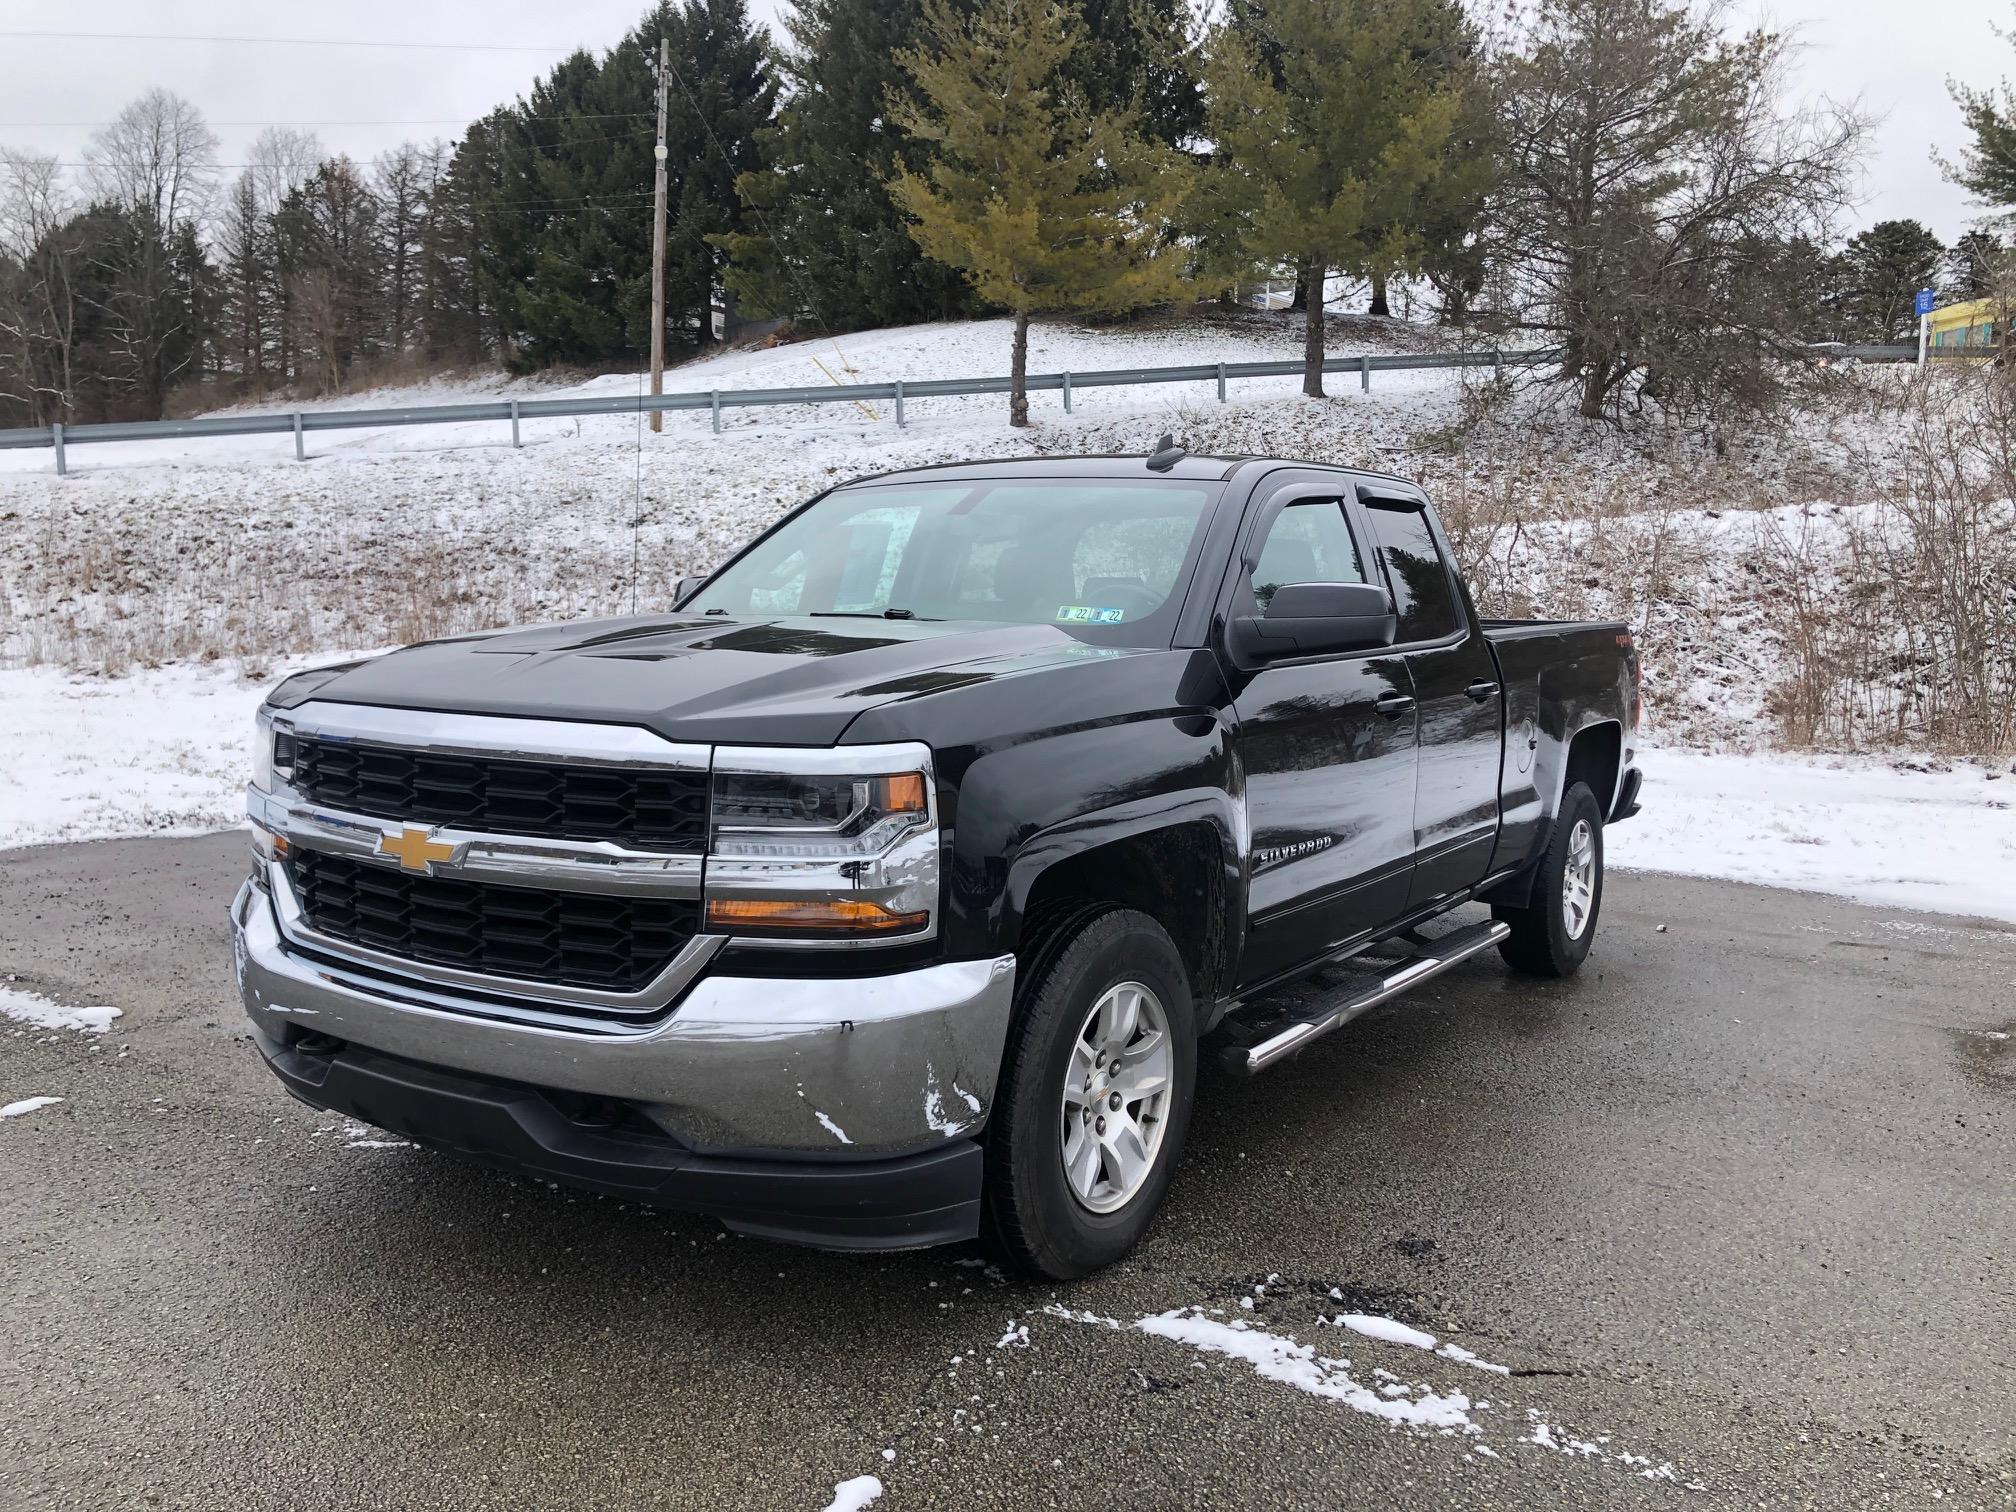 2018 Silverado 1500 4x4